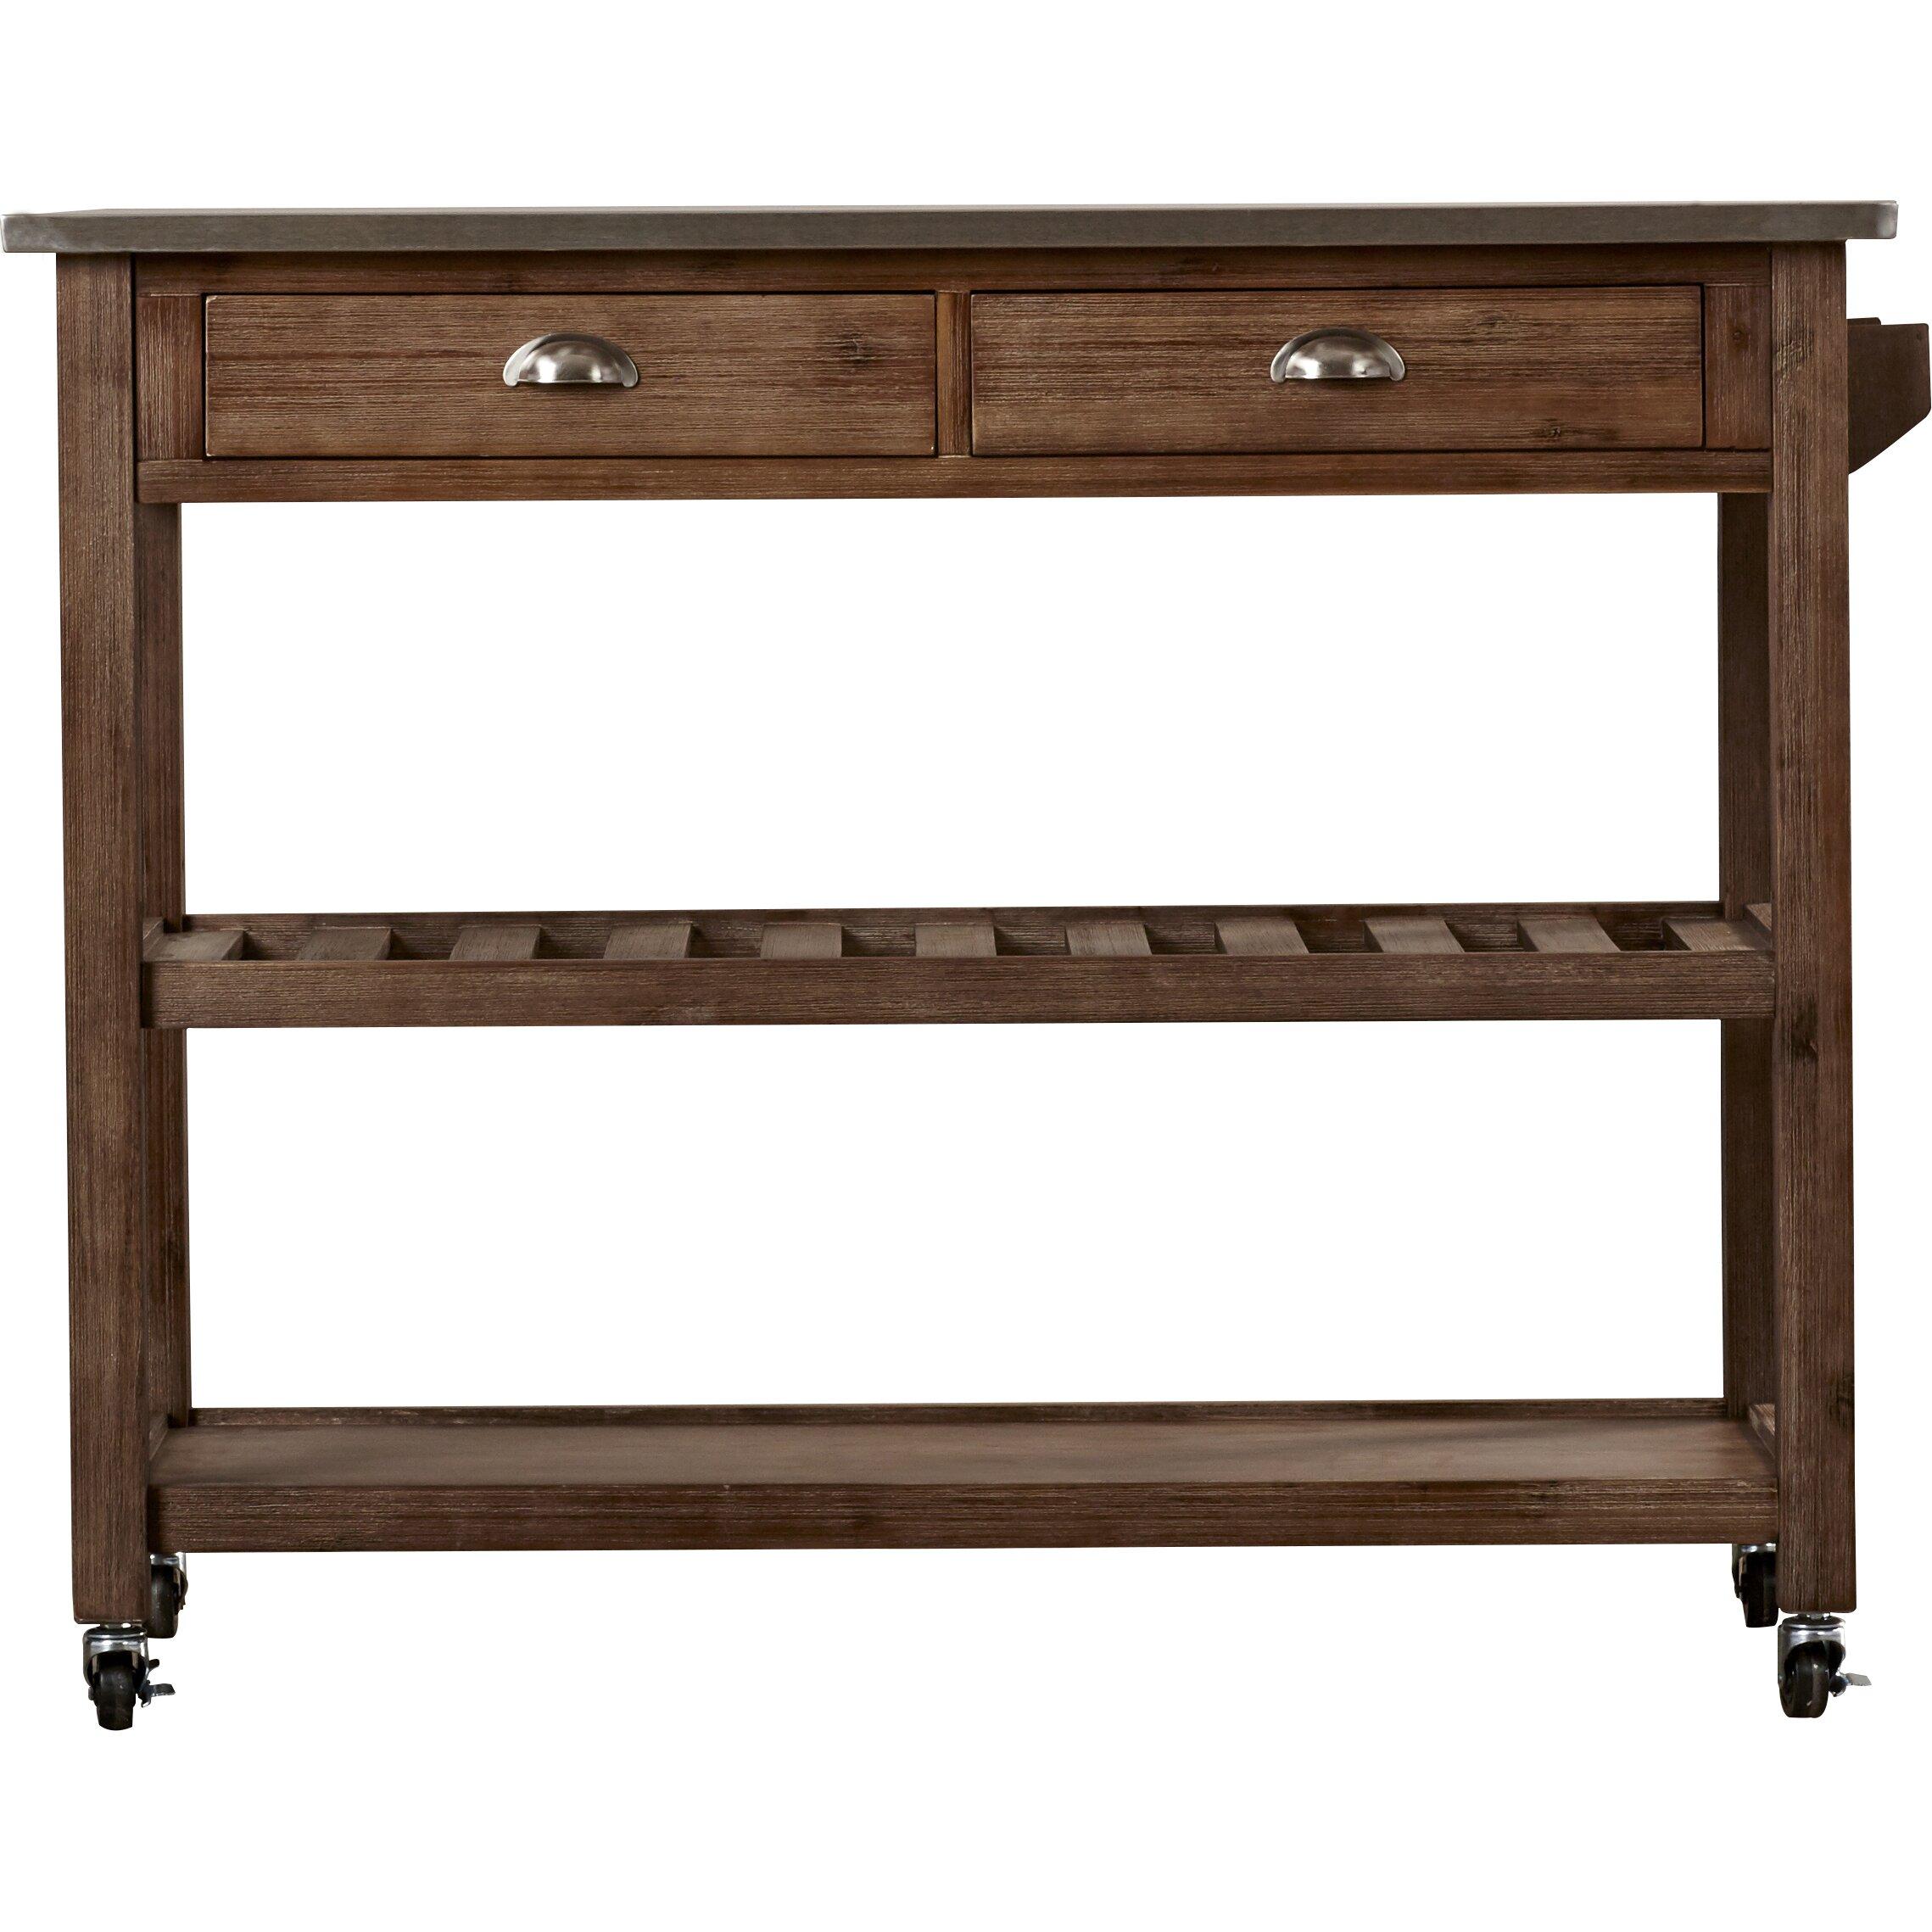 El dorado furniture outlet miami - El Dorado Furniture Patio Regarding Encourage Chavis Home Builders